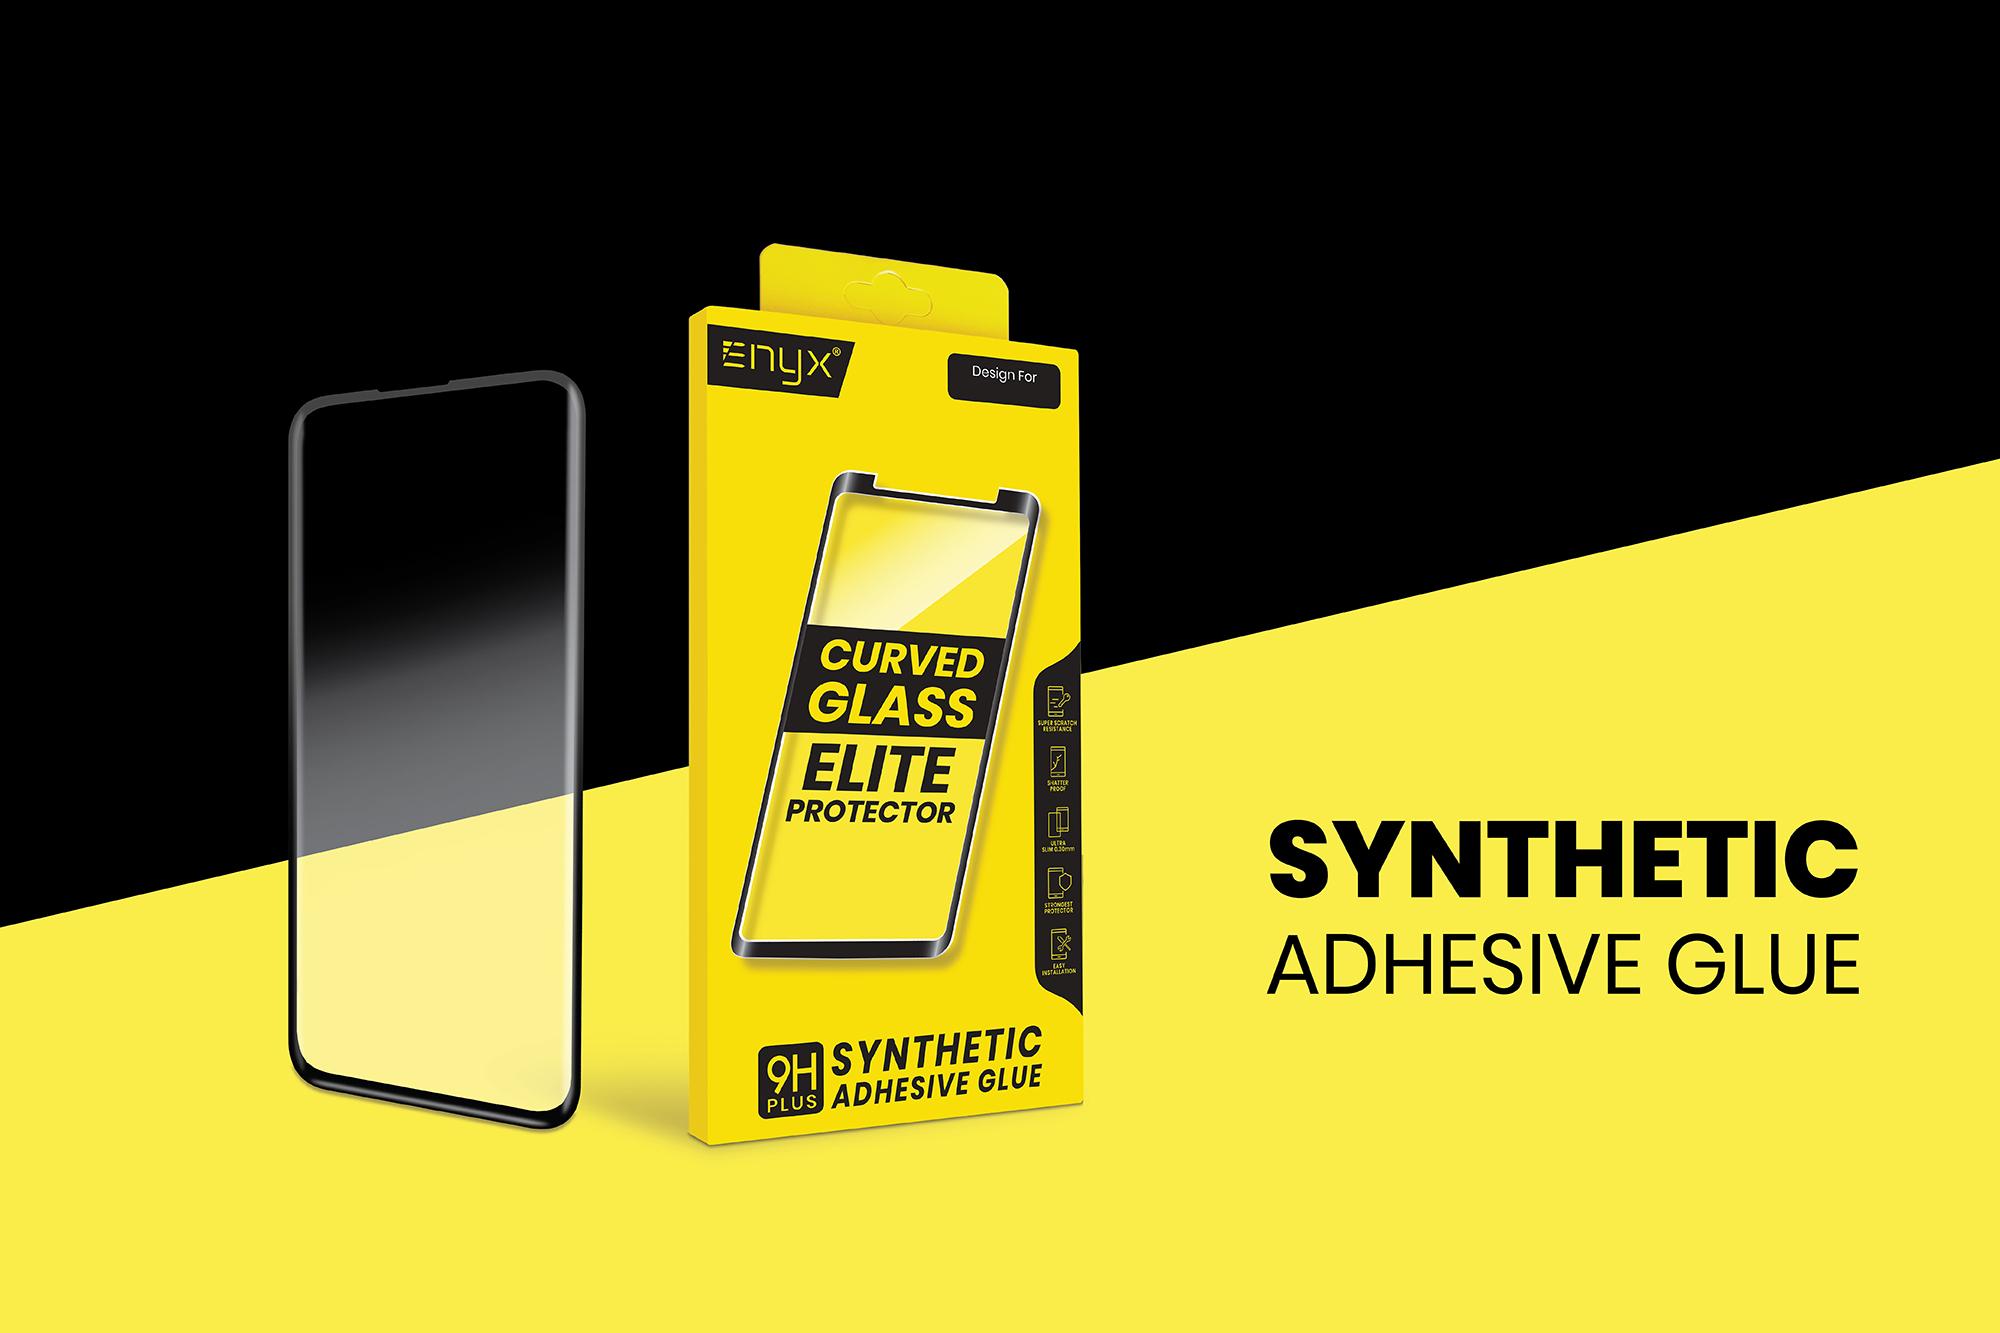 ฟิล์มกระจก ฟิล์ม Synthetic Glue enyx อีนิกซ์